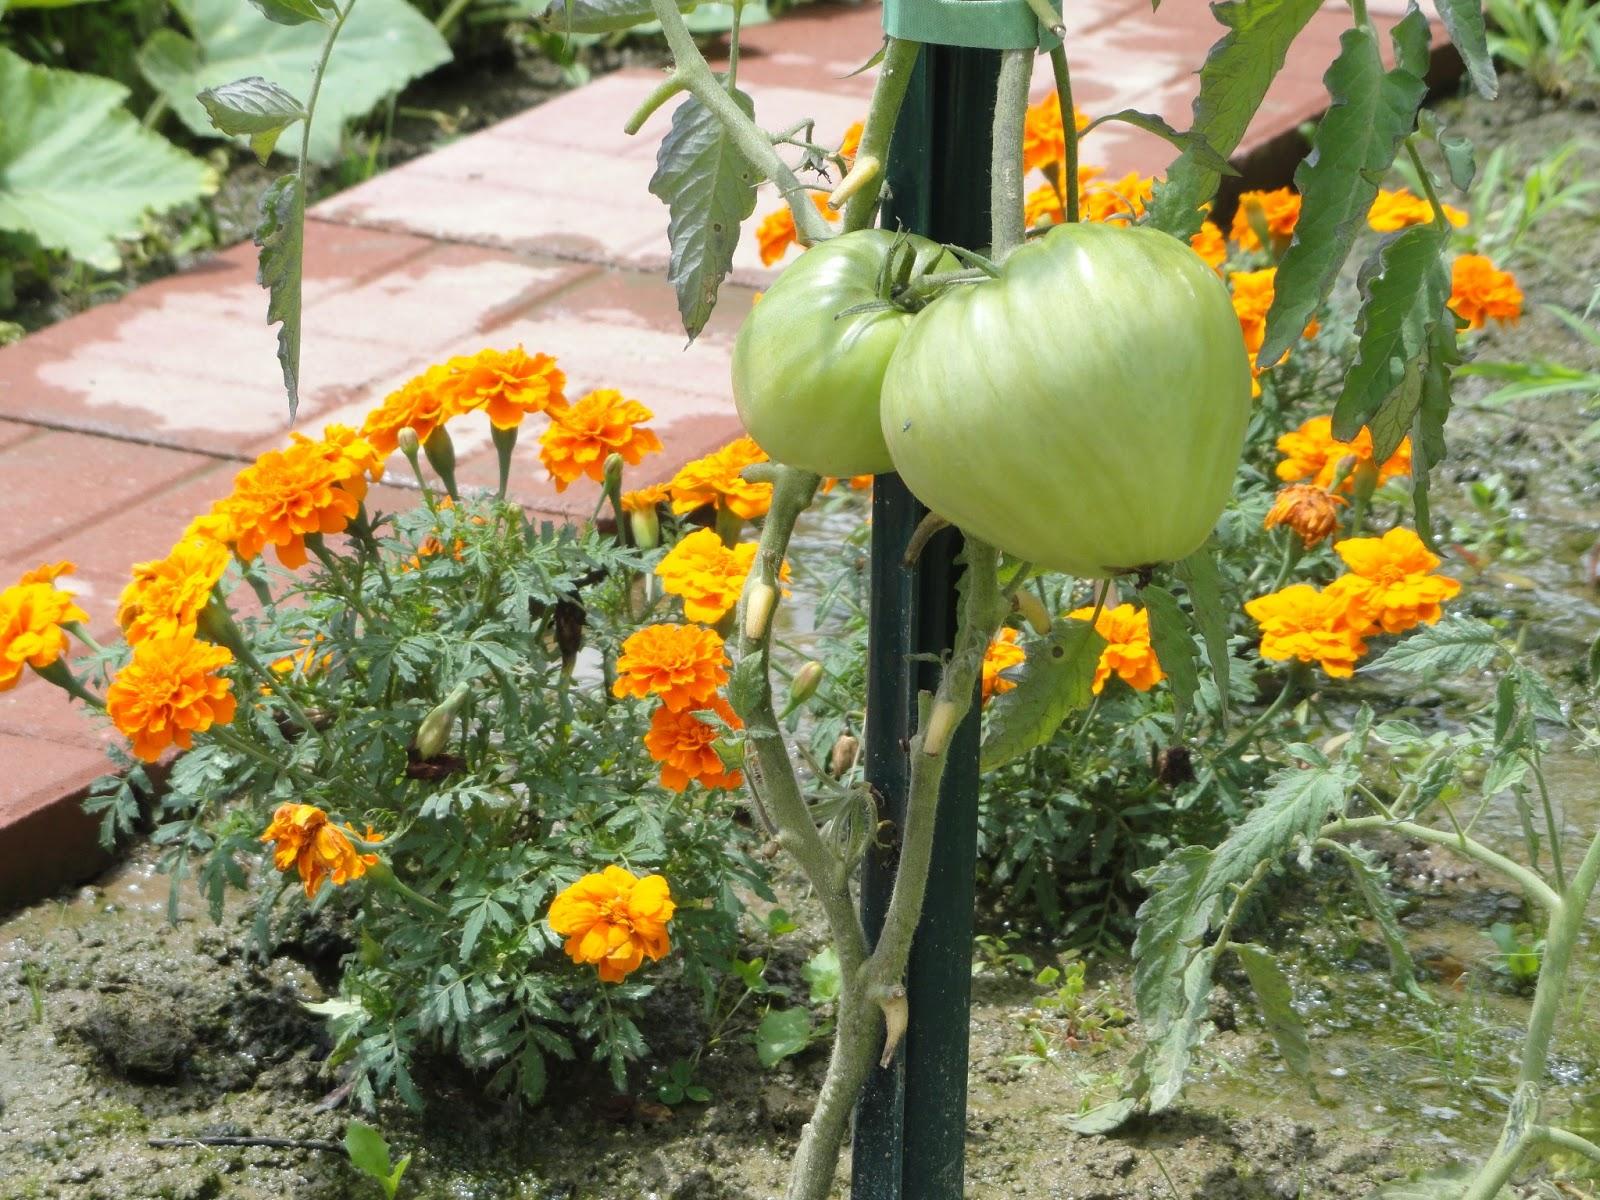 Dr tsai 39 s blog garden friends and foes companion planting - Plant vegetable garden friends foes ...